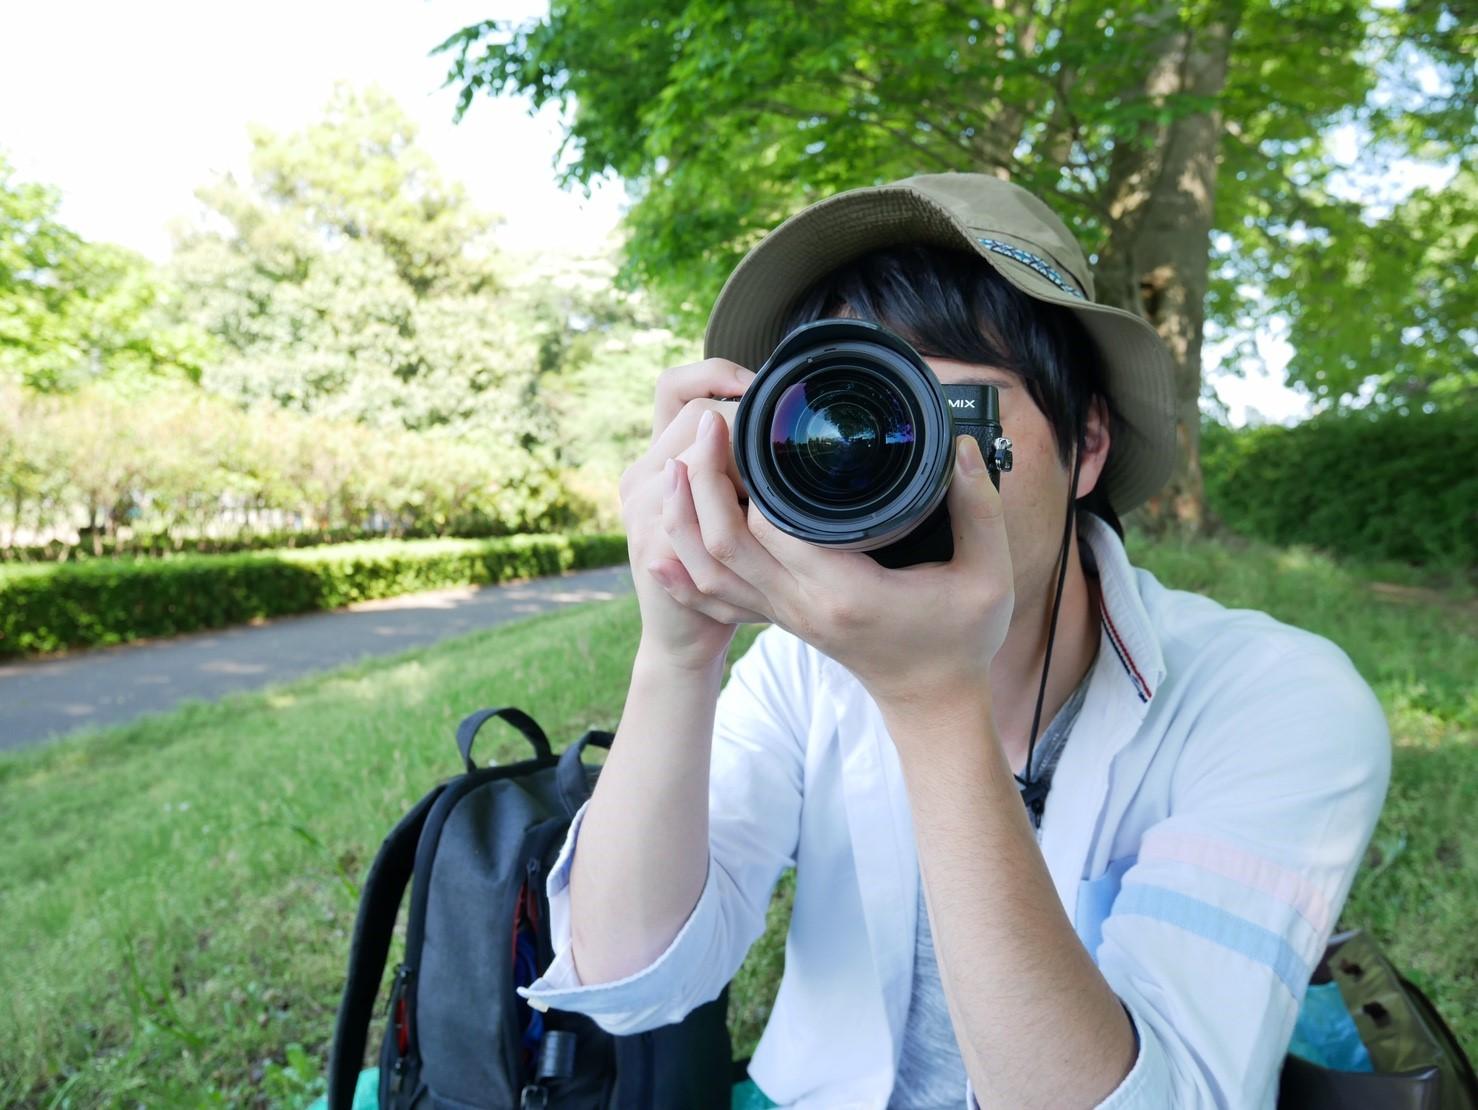 トレッキング(登山部) とちぎのしゅし 栃木県